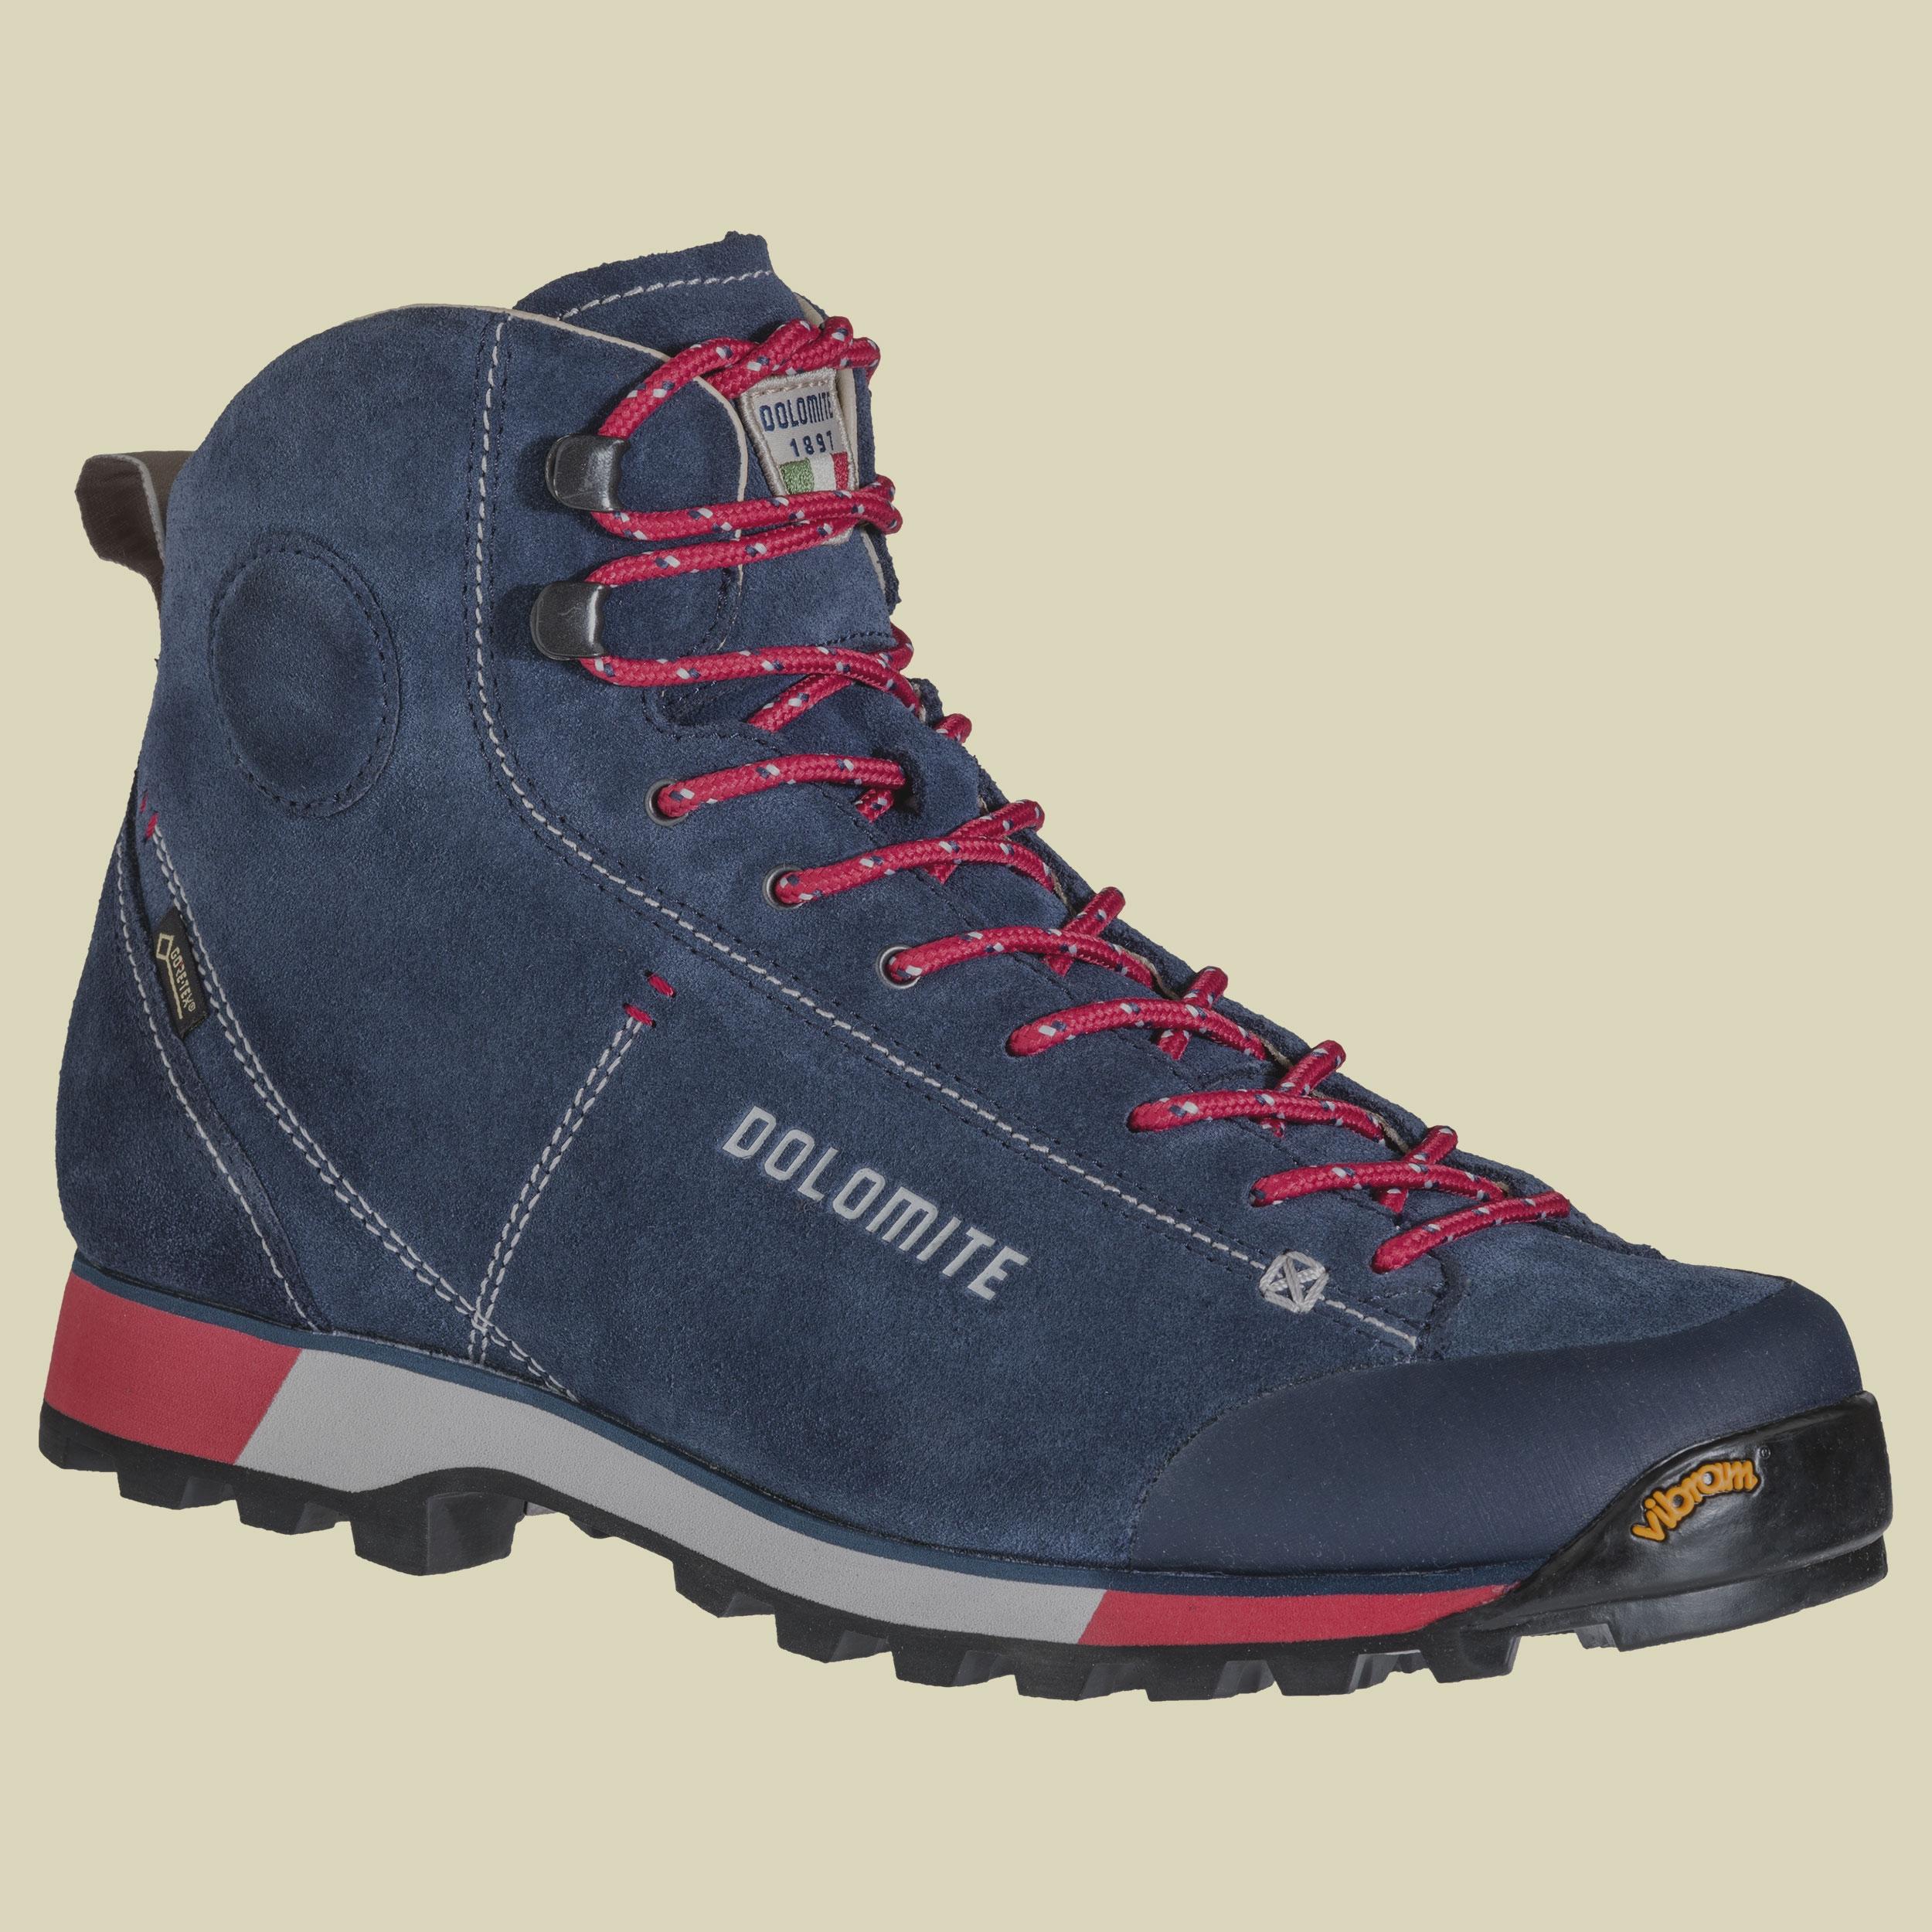 Image of Dolomite 54 Hike GTX Men Herren Wanderstiefel Größe UK 10